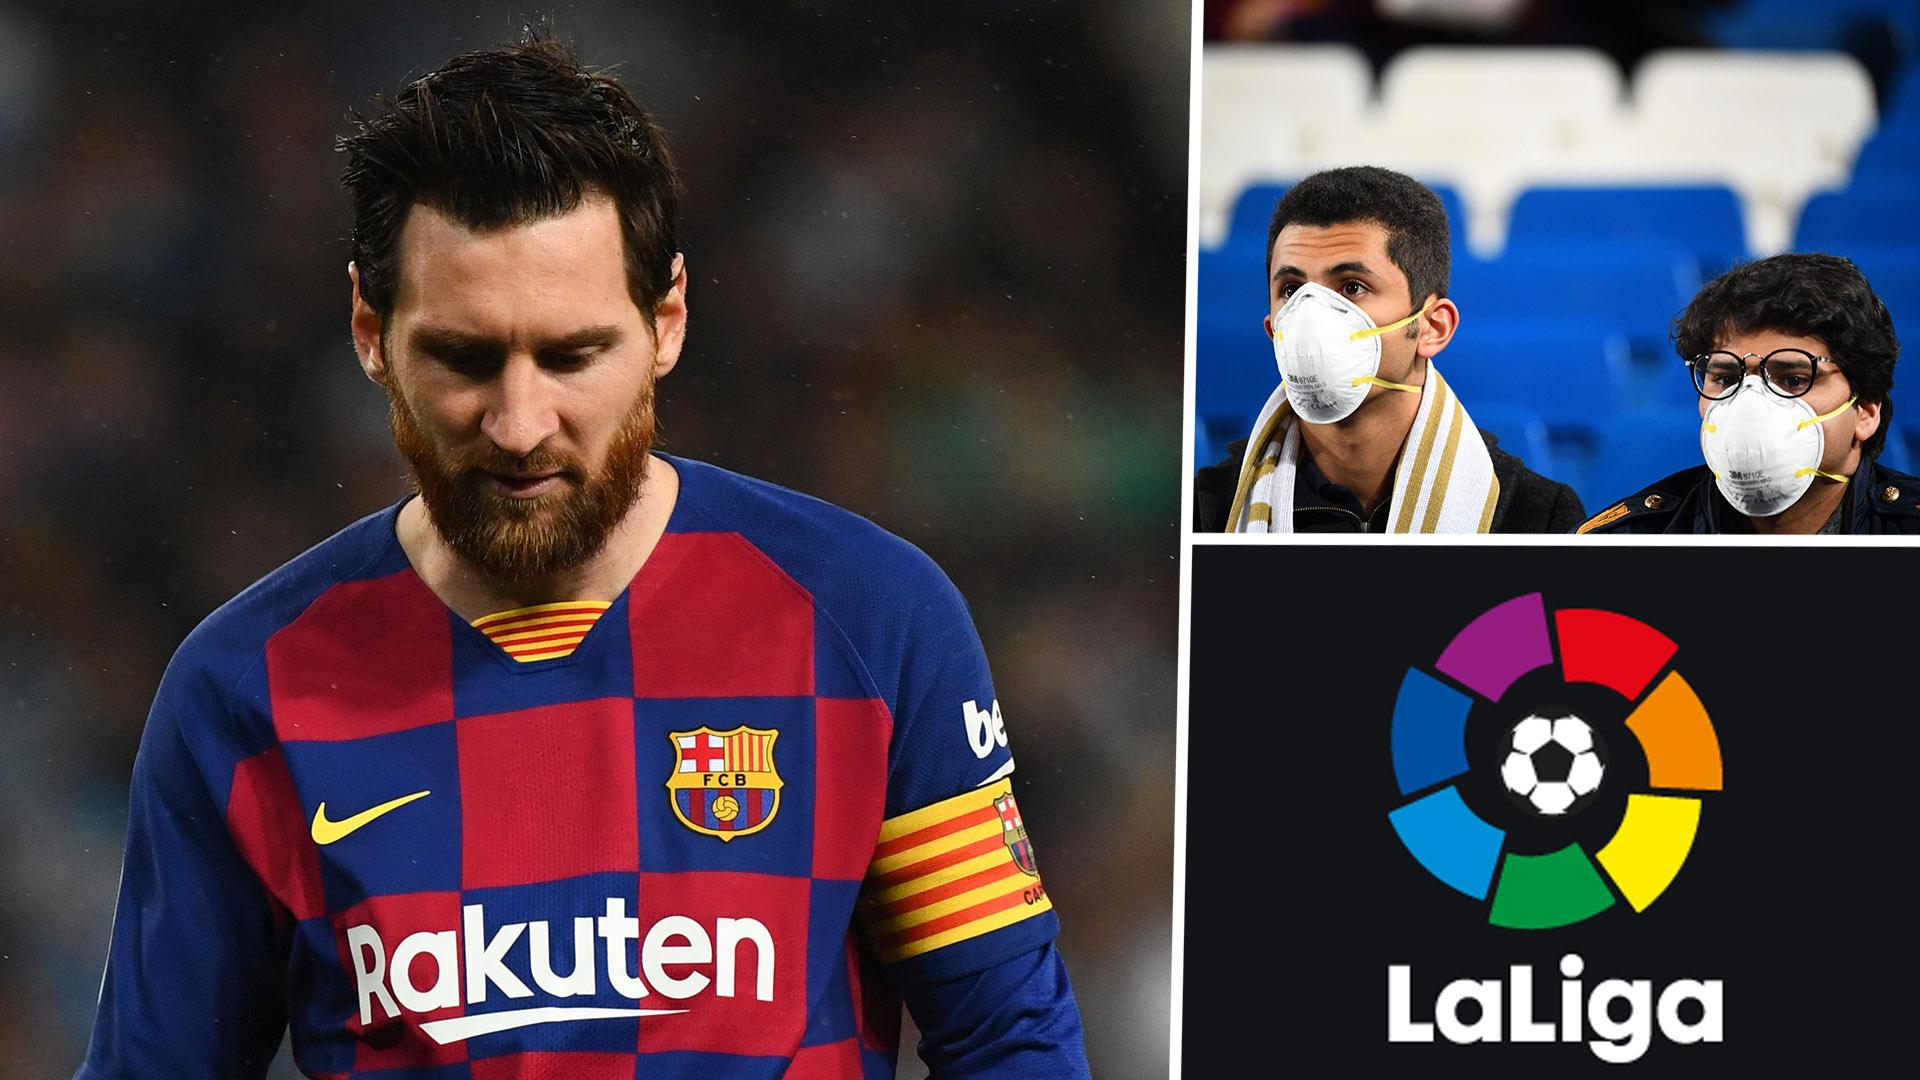 Чемпионат Испании планируют возобновить уже 20-го июня